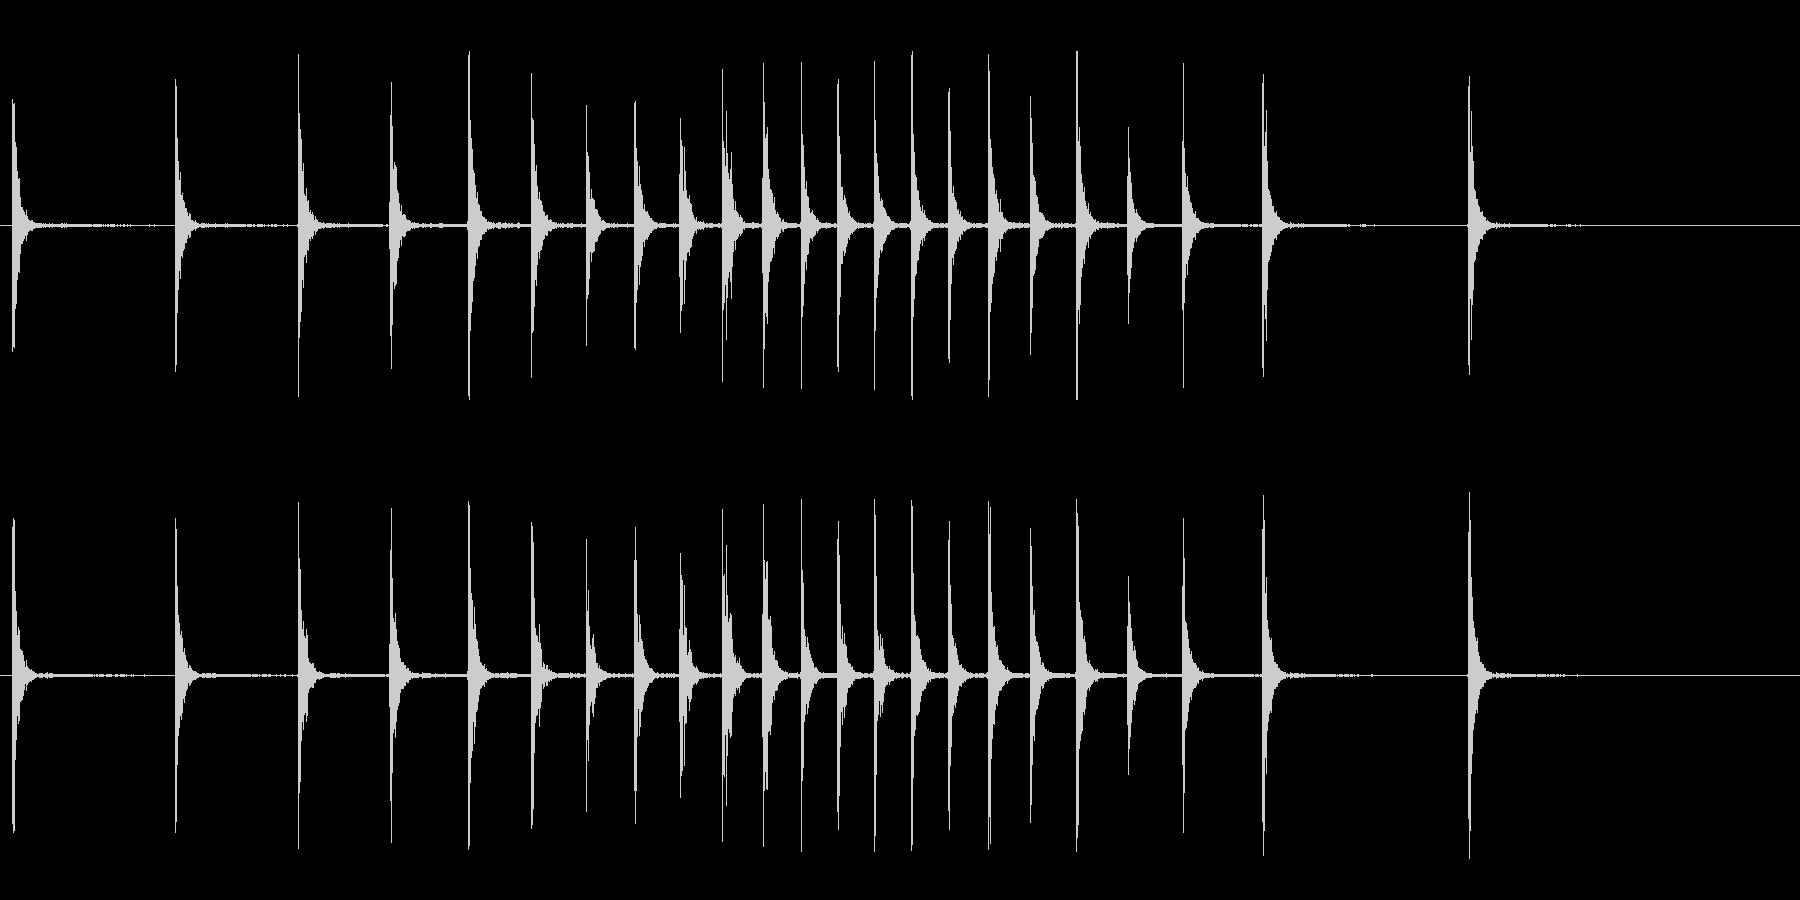 カンカンカン…カン!(拍子木、歌舞伎)の未再生の波形